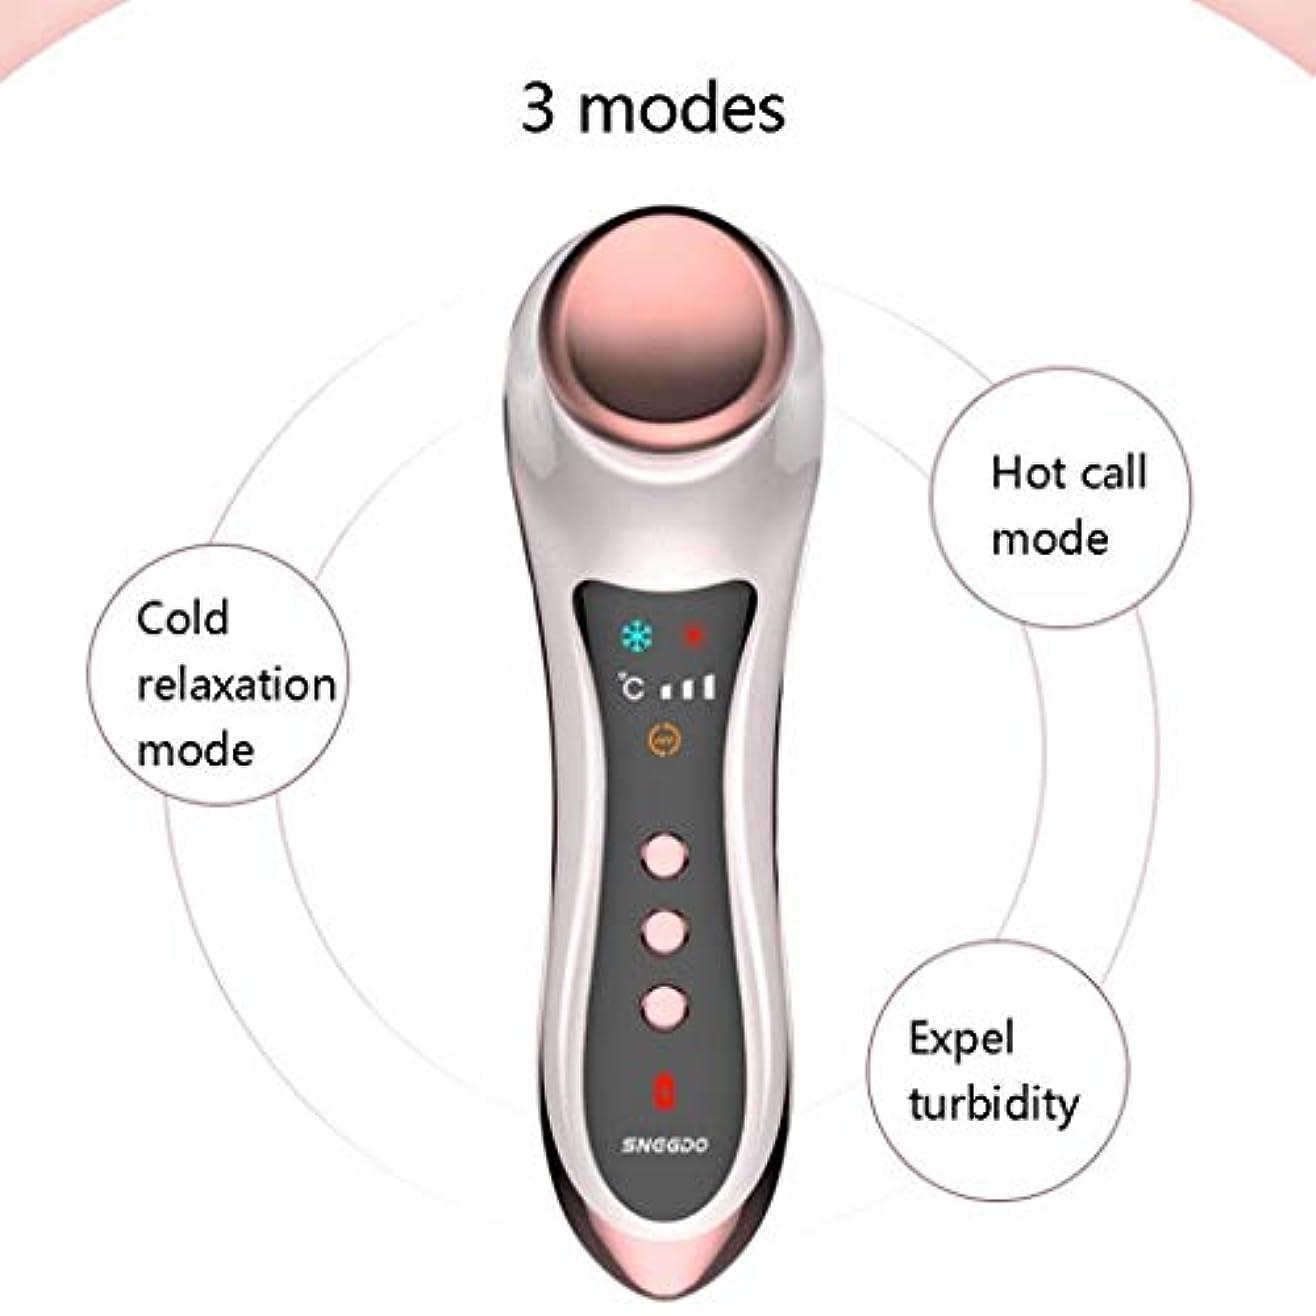 拡張始まり飛び込むアイマッサージャー、電熱式バイブレーションフェイシャルマッサージ、ダークサークルメガネの疲労や浮腫を軽減、高周波振動、USBインターフェース充電